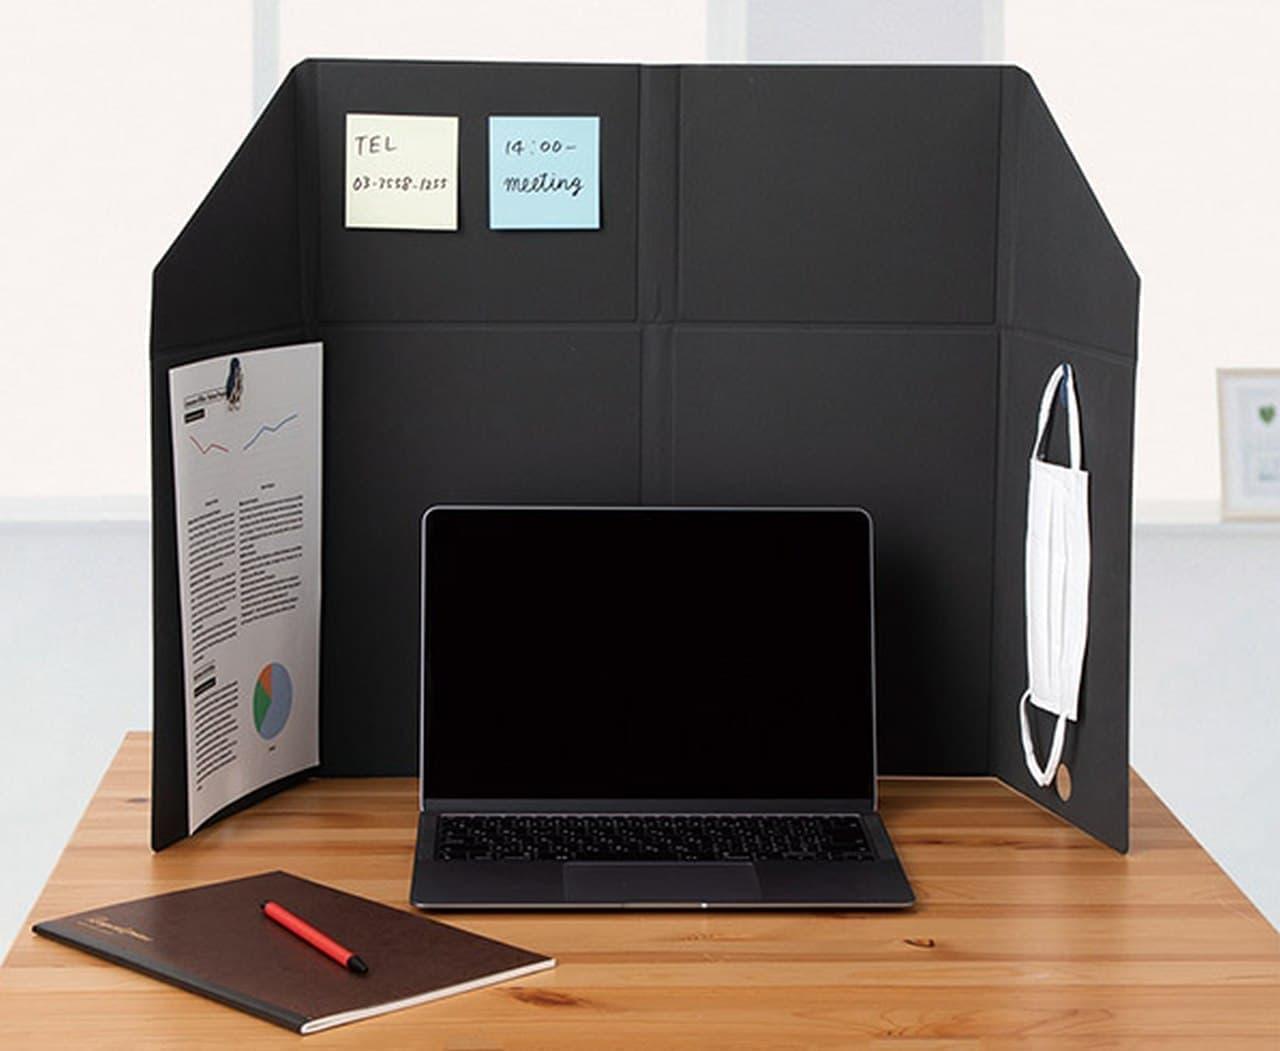 A4ファイルサイズで持ち運びしやすい「デスクパーティション」ナカバヤシから